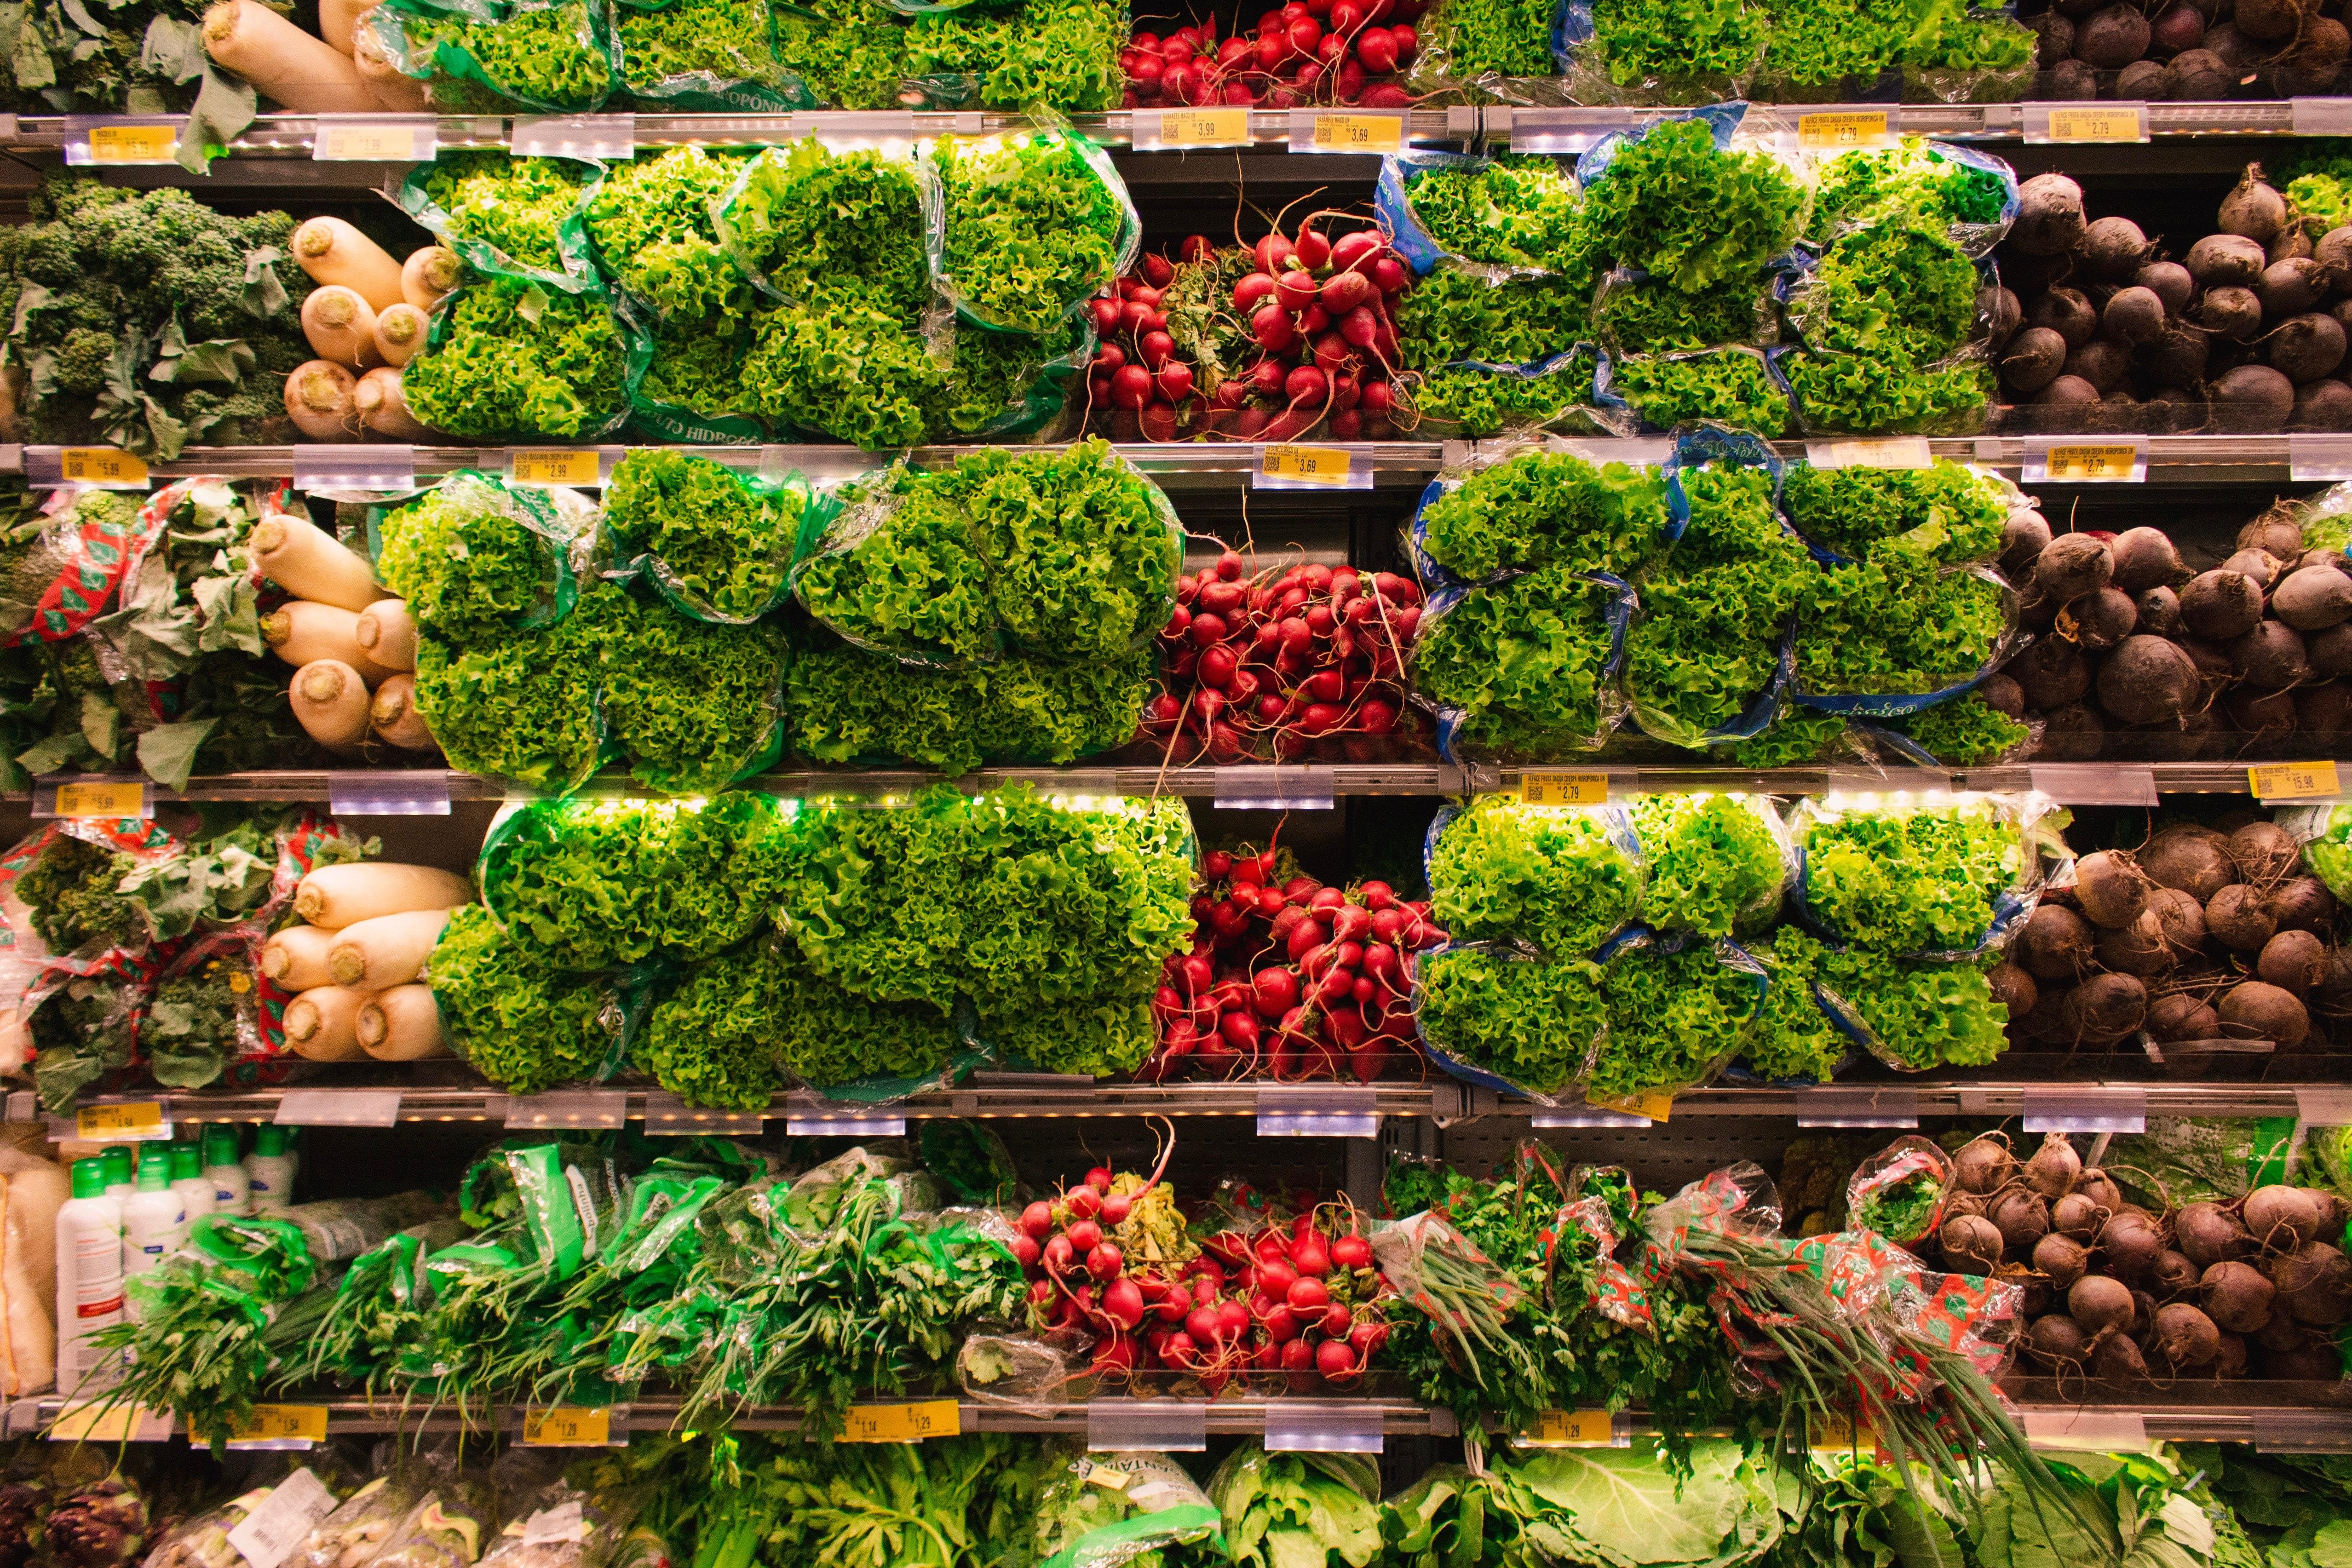 Mercado de alimentos aponta sustentabilidade como tendência